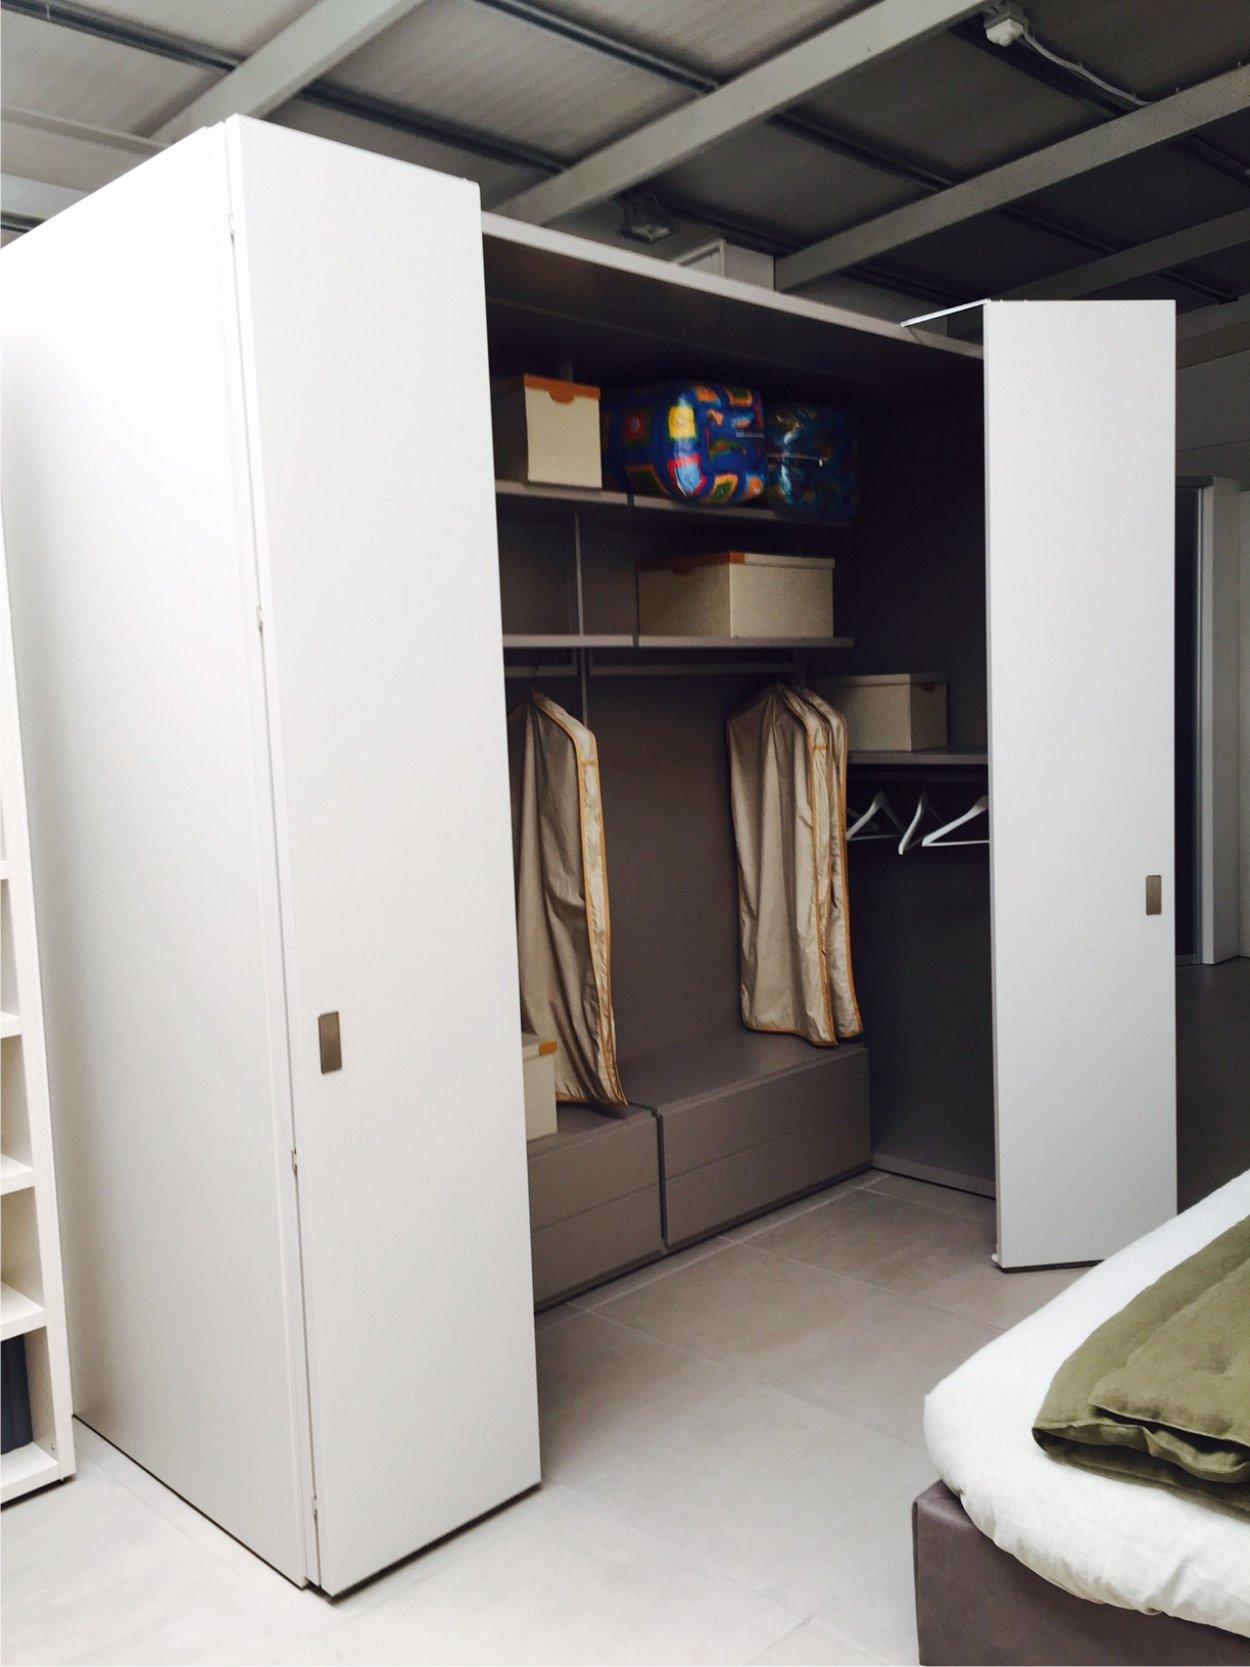 Caccaro armadio idee creative e innovative sulla casa e for Piani di armadio california